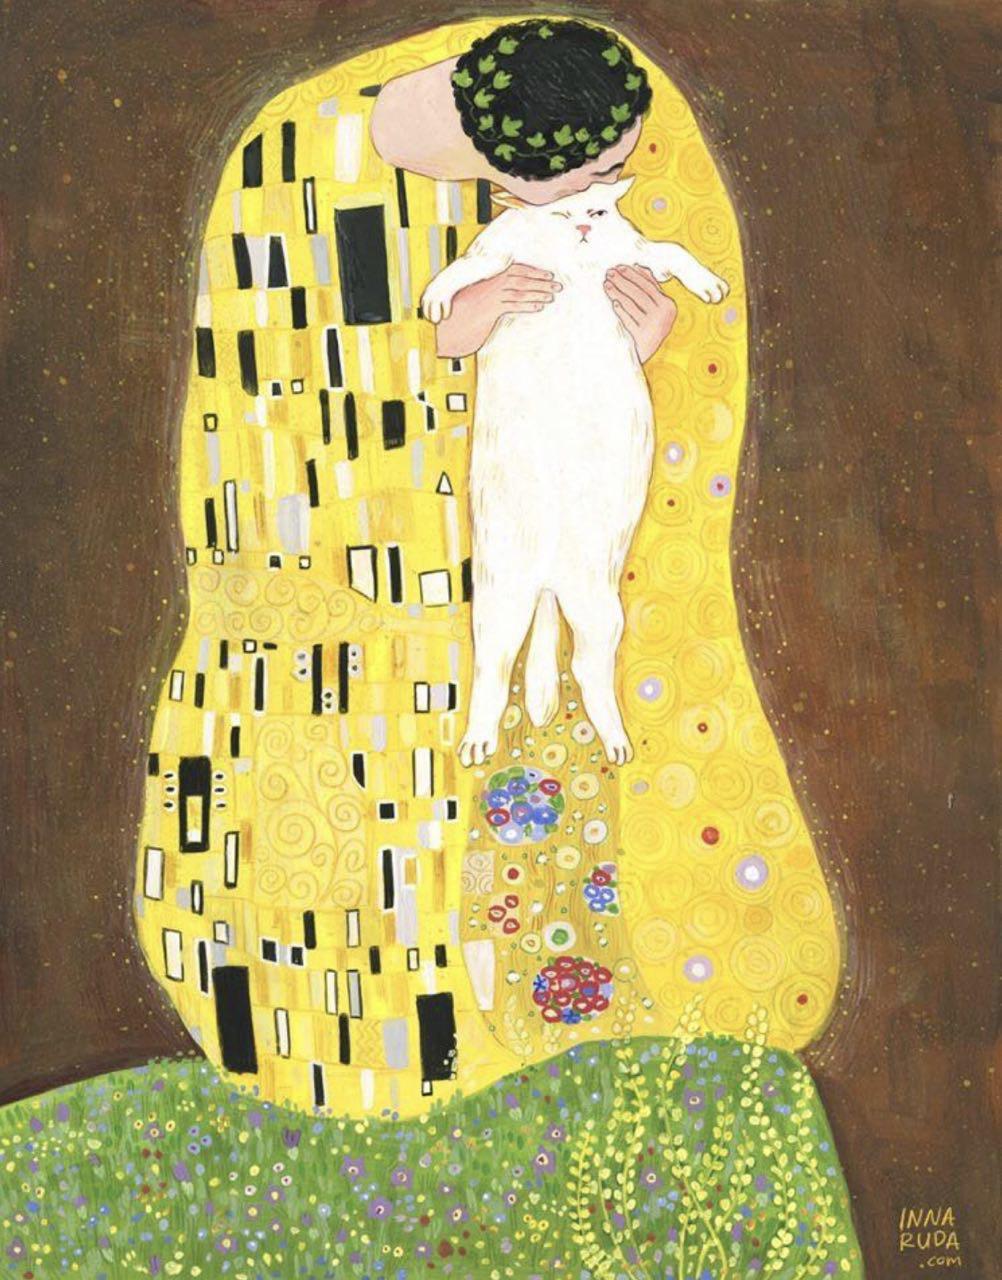 климт поцелуй коты новорожденного белого дракона